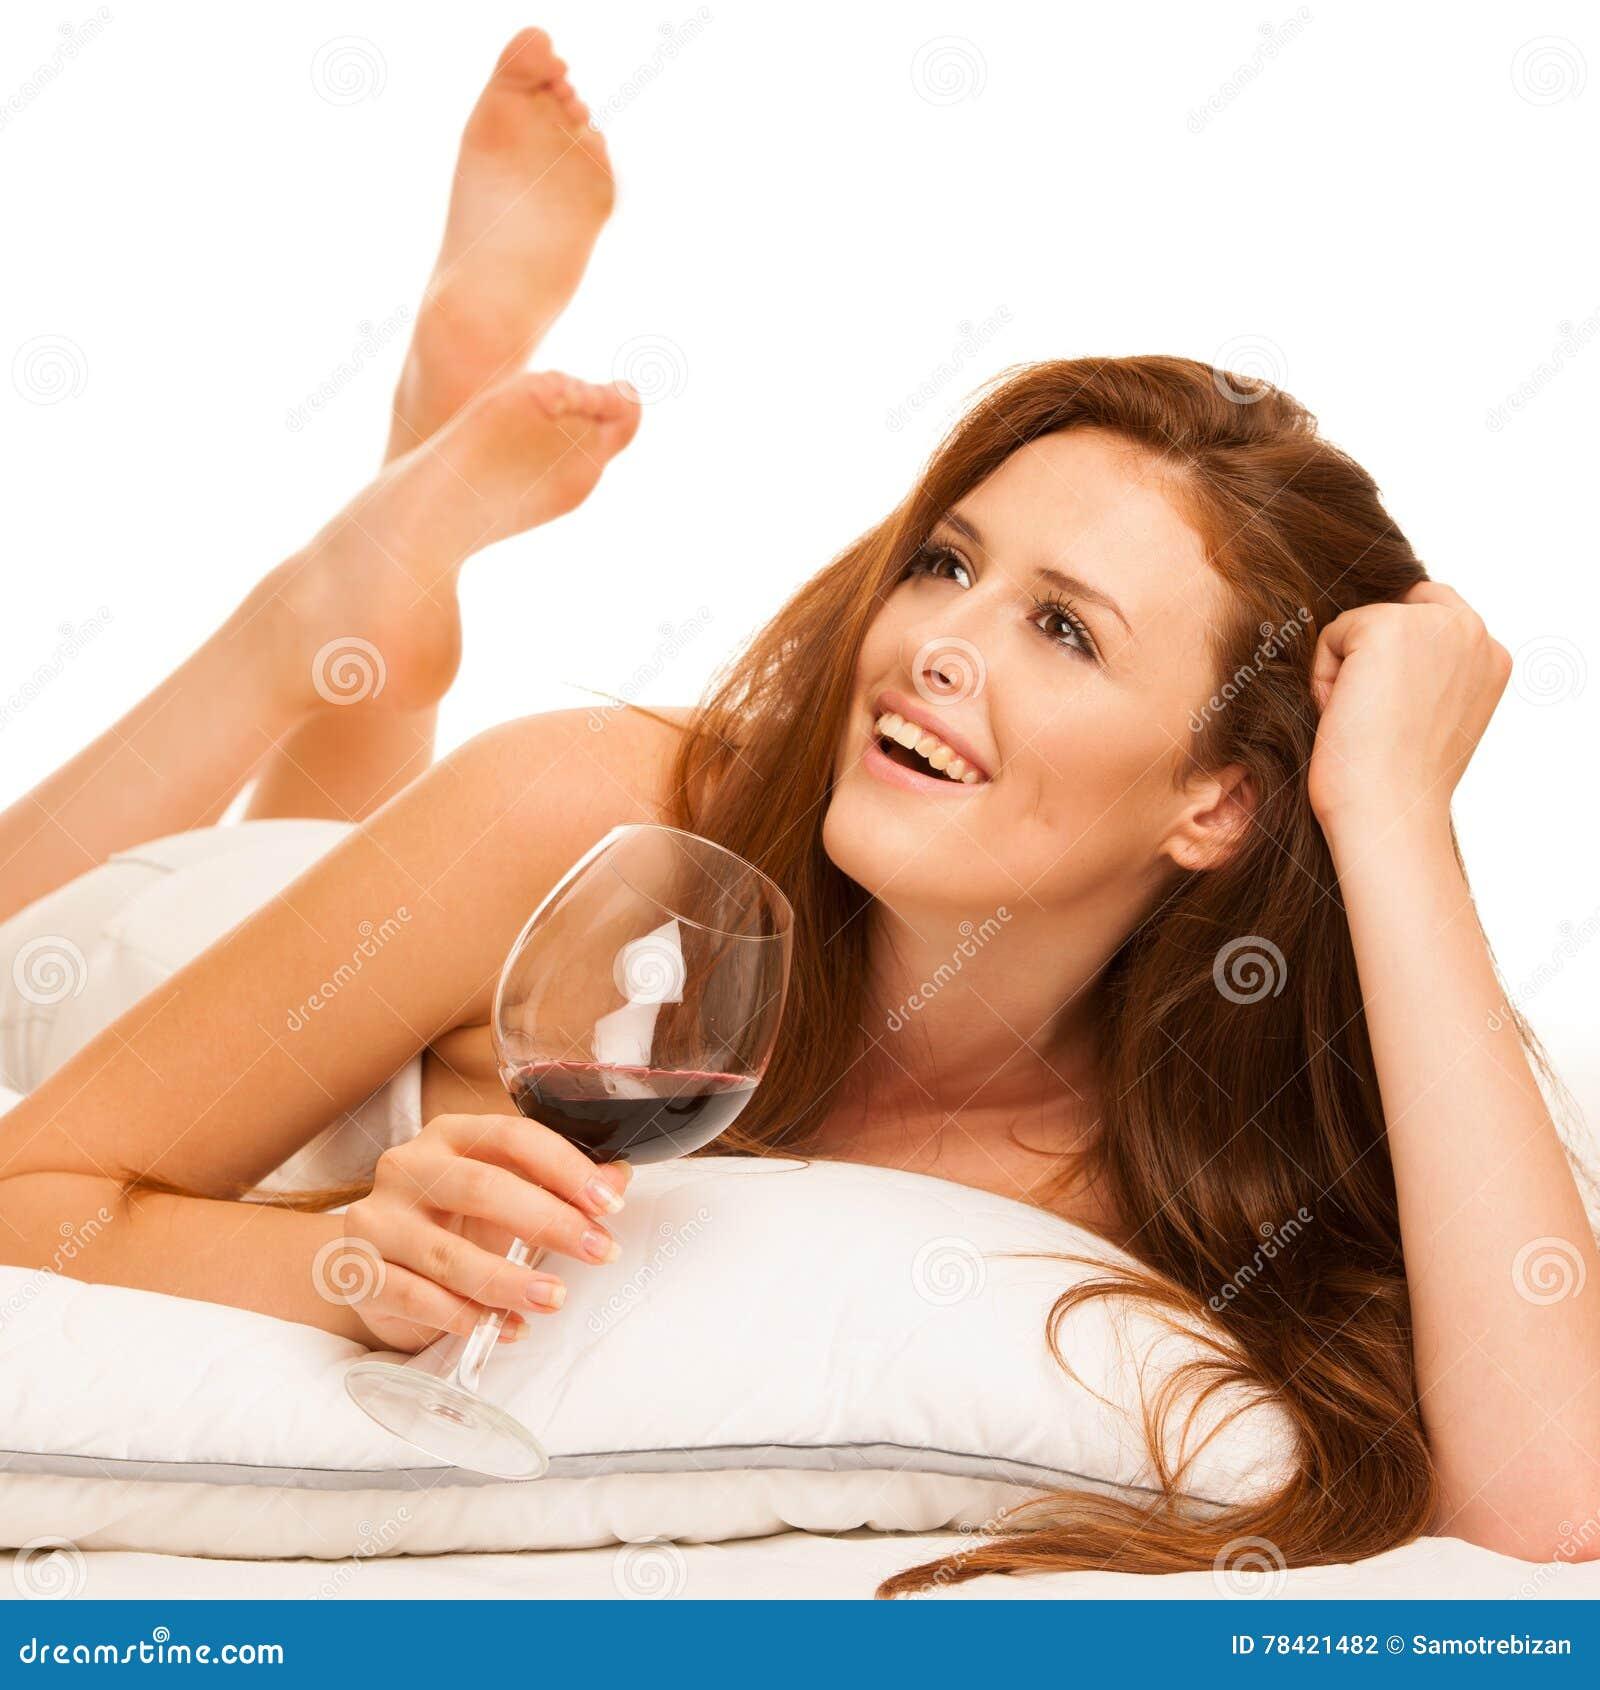 Девушка лежа с бокалом, девушка в обтягивающей футболке соблазнила сиськами